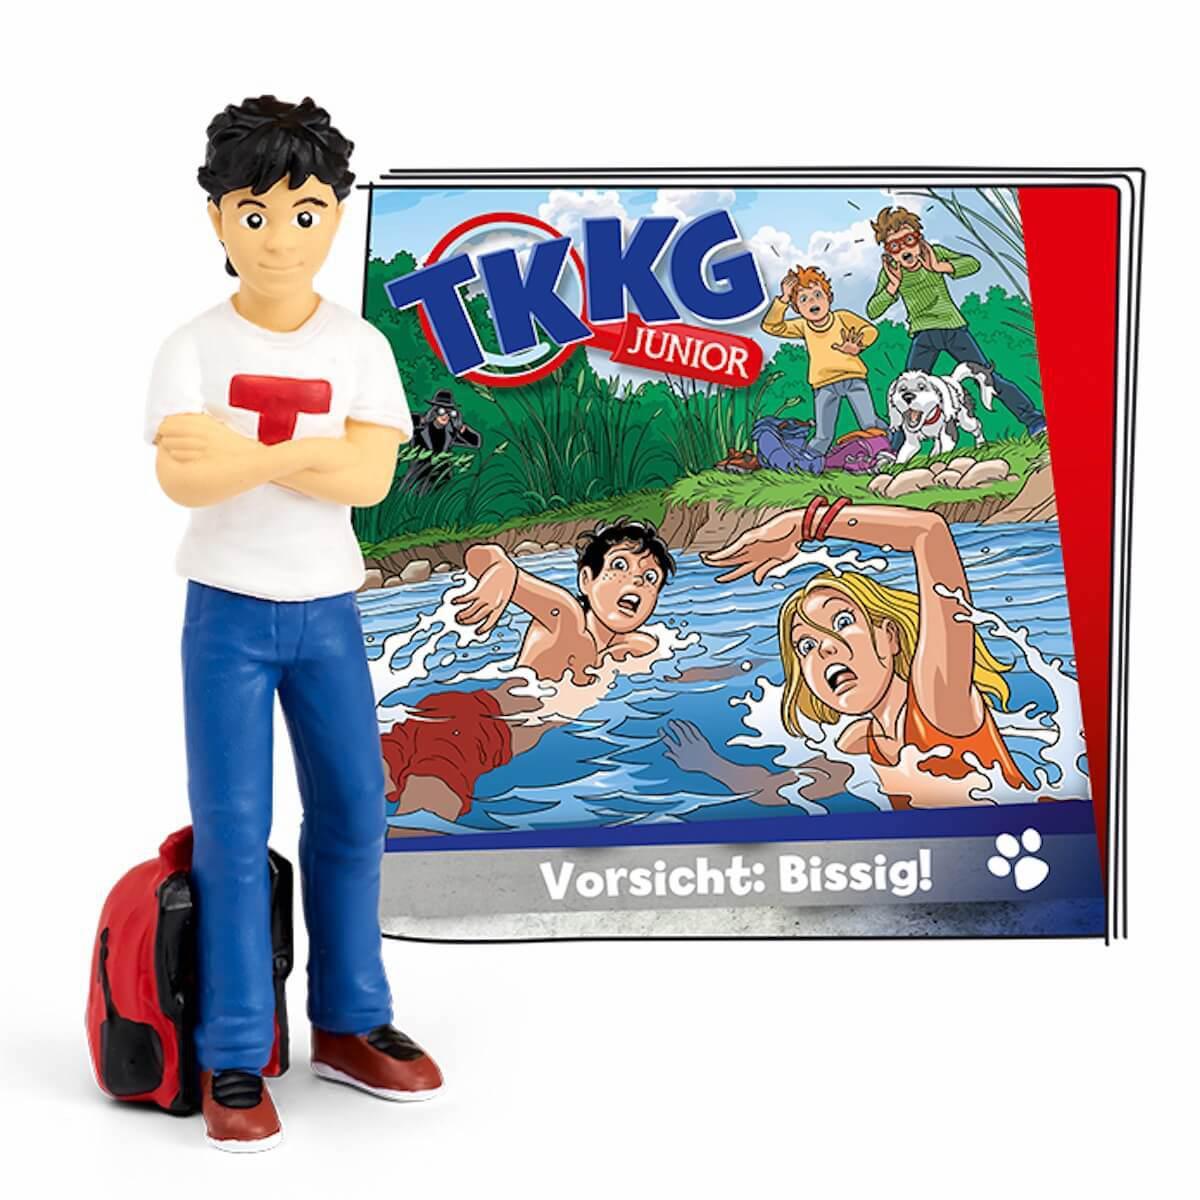 Hörspielfigur TONIES TKKG Junior Folge 2 Vorsicht: Bissig!